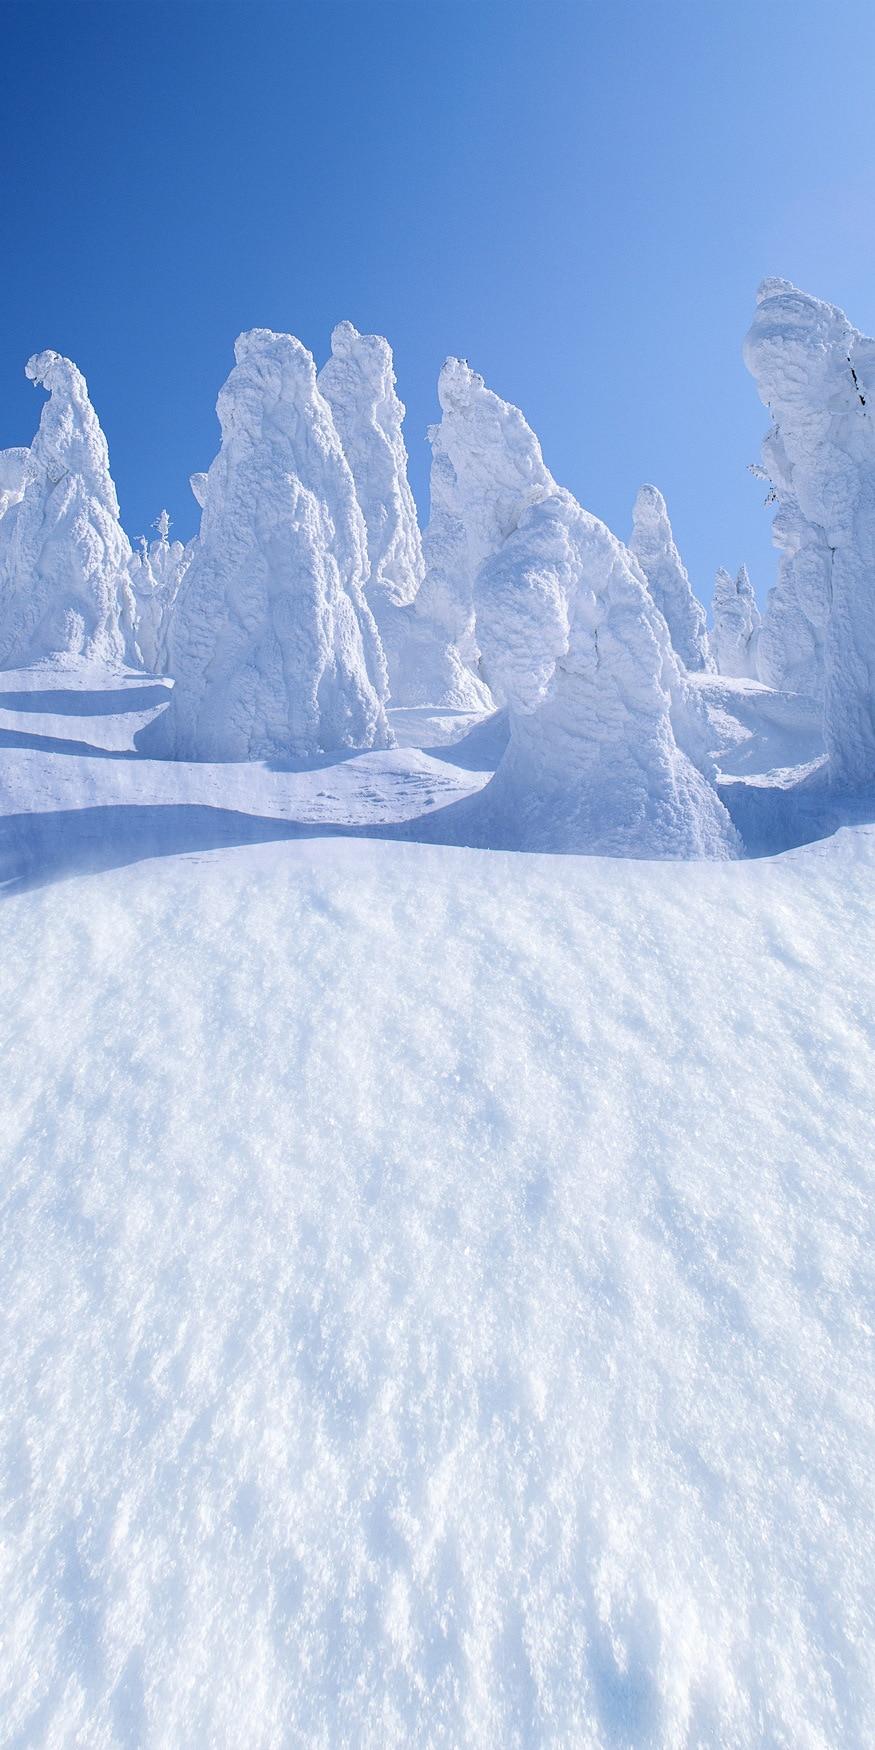 LIFE MAGIC BOX Snow 150x200cm Vlastní foto kulisy Usa Pozadí zimní kulisy pro fotografii J02732